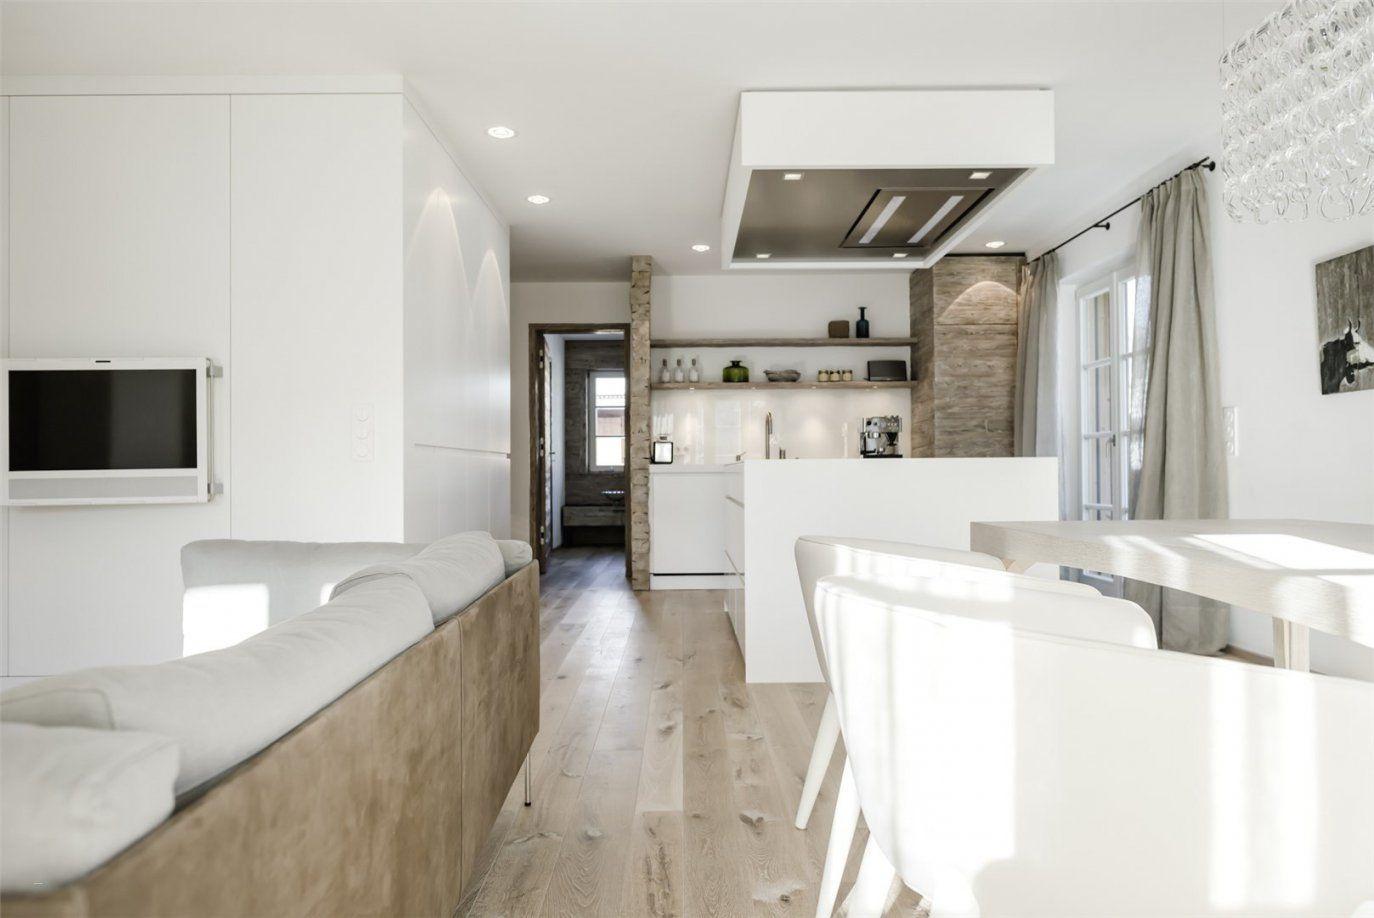 Offene Küche Wohnzimmer Abtrennen Atemberaubend Wohnzimmer Mit Küche Von Offene  Küche Wohnzimmer Abtrennen Bild